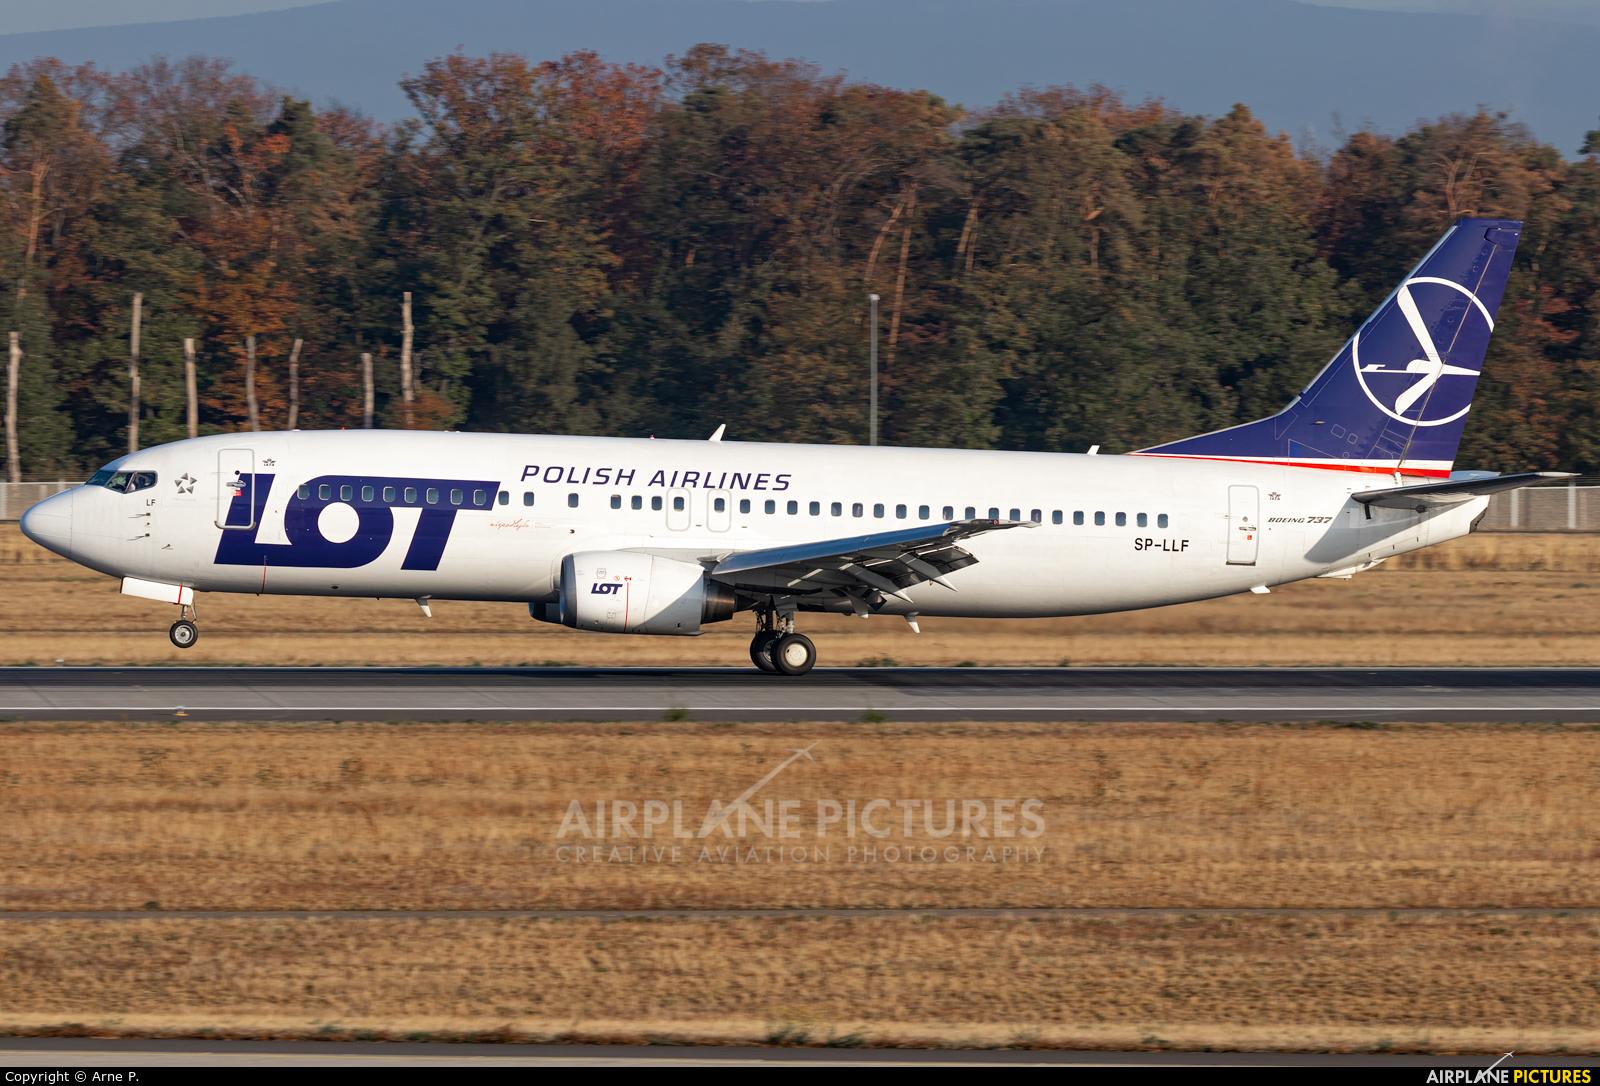 LOT - Polish Airlines SP-LLF aircraft at Frankfurt